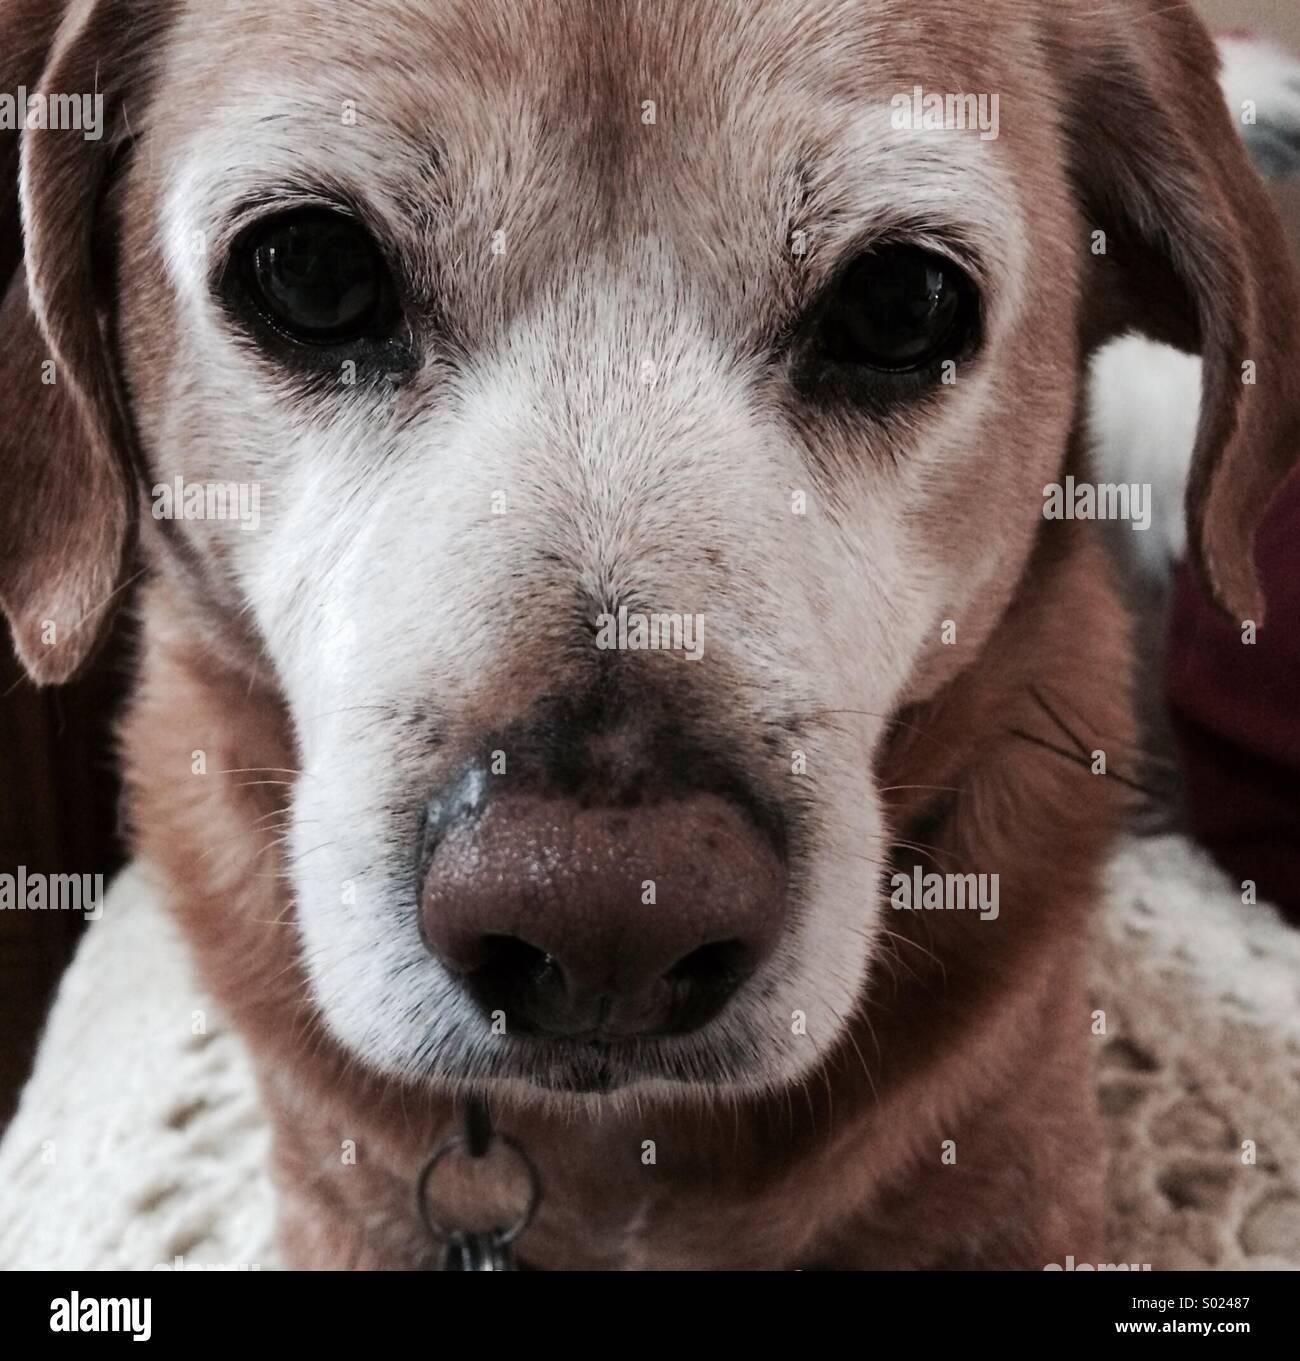 Close up of a beagle mix dog - Stock Image